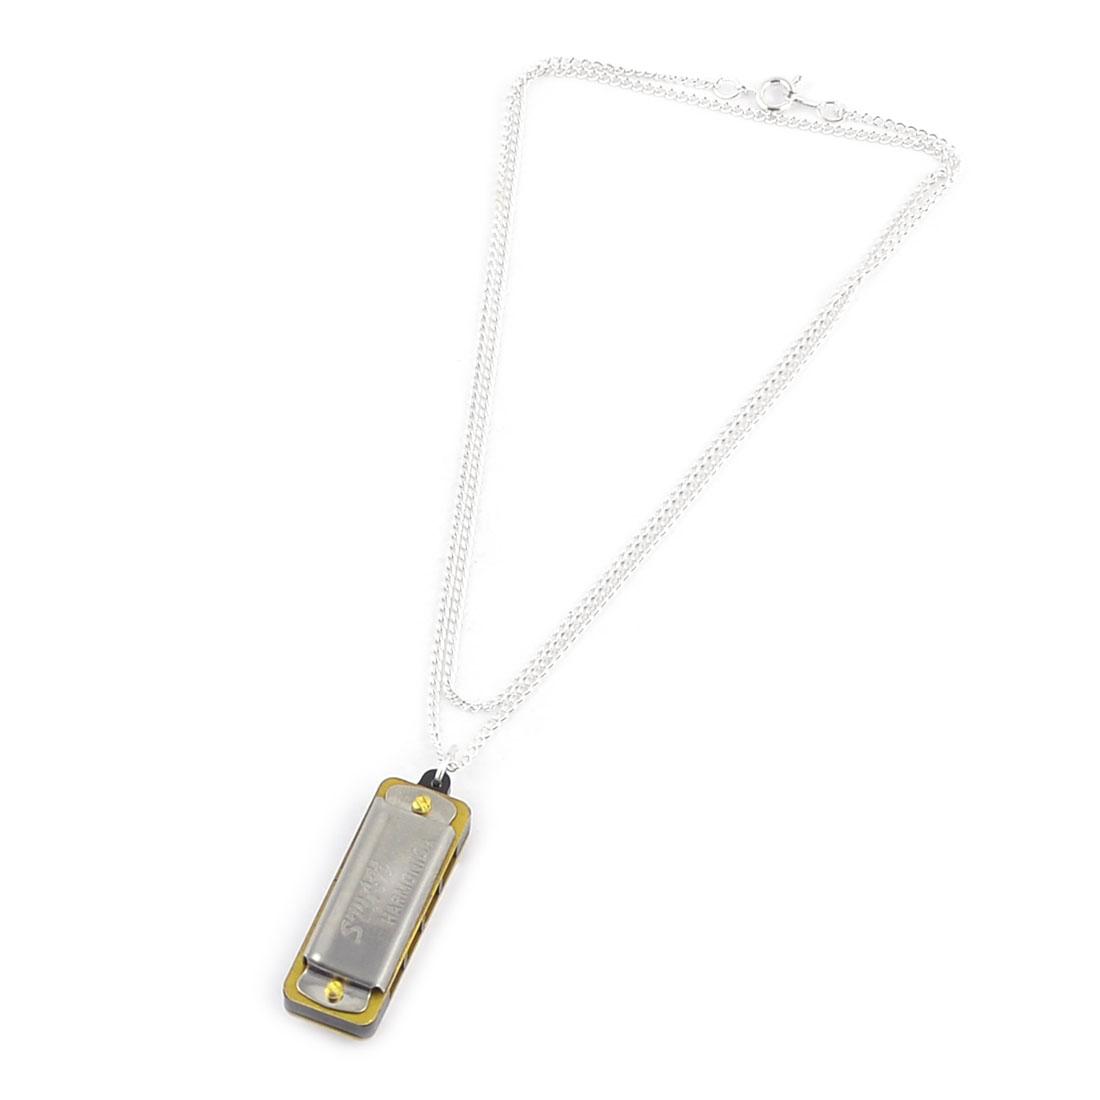 Lady Silver Tone Chain Mini Harmonica Pendant Necklace